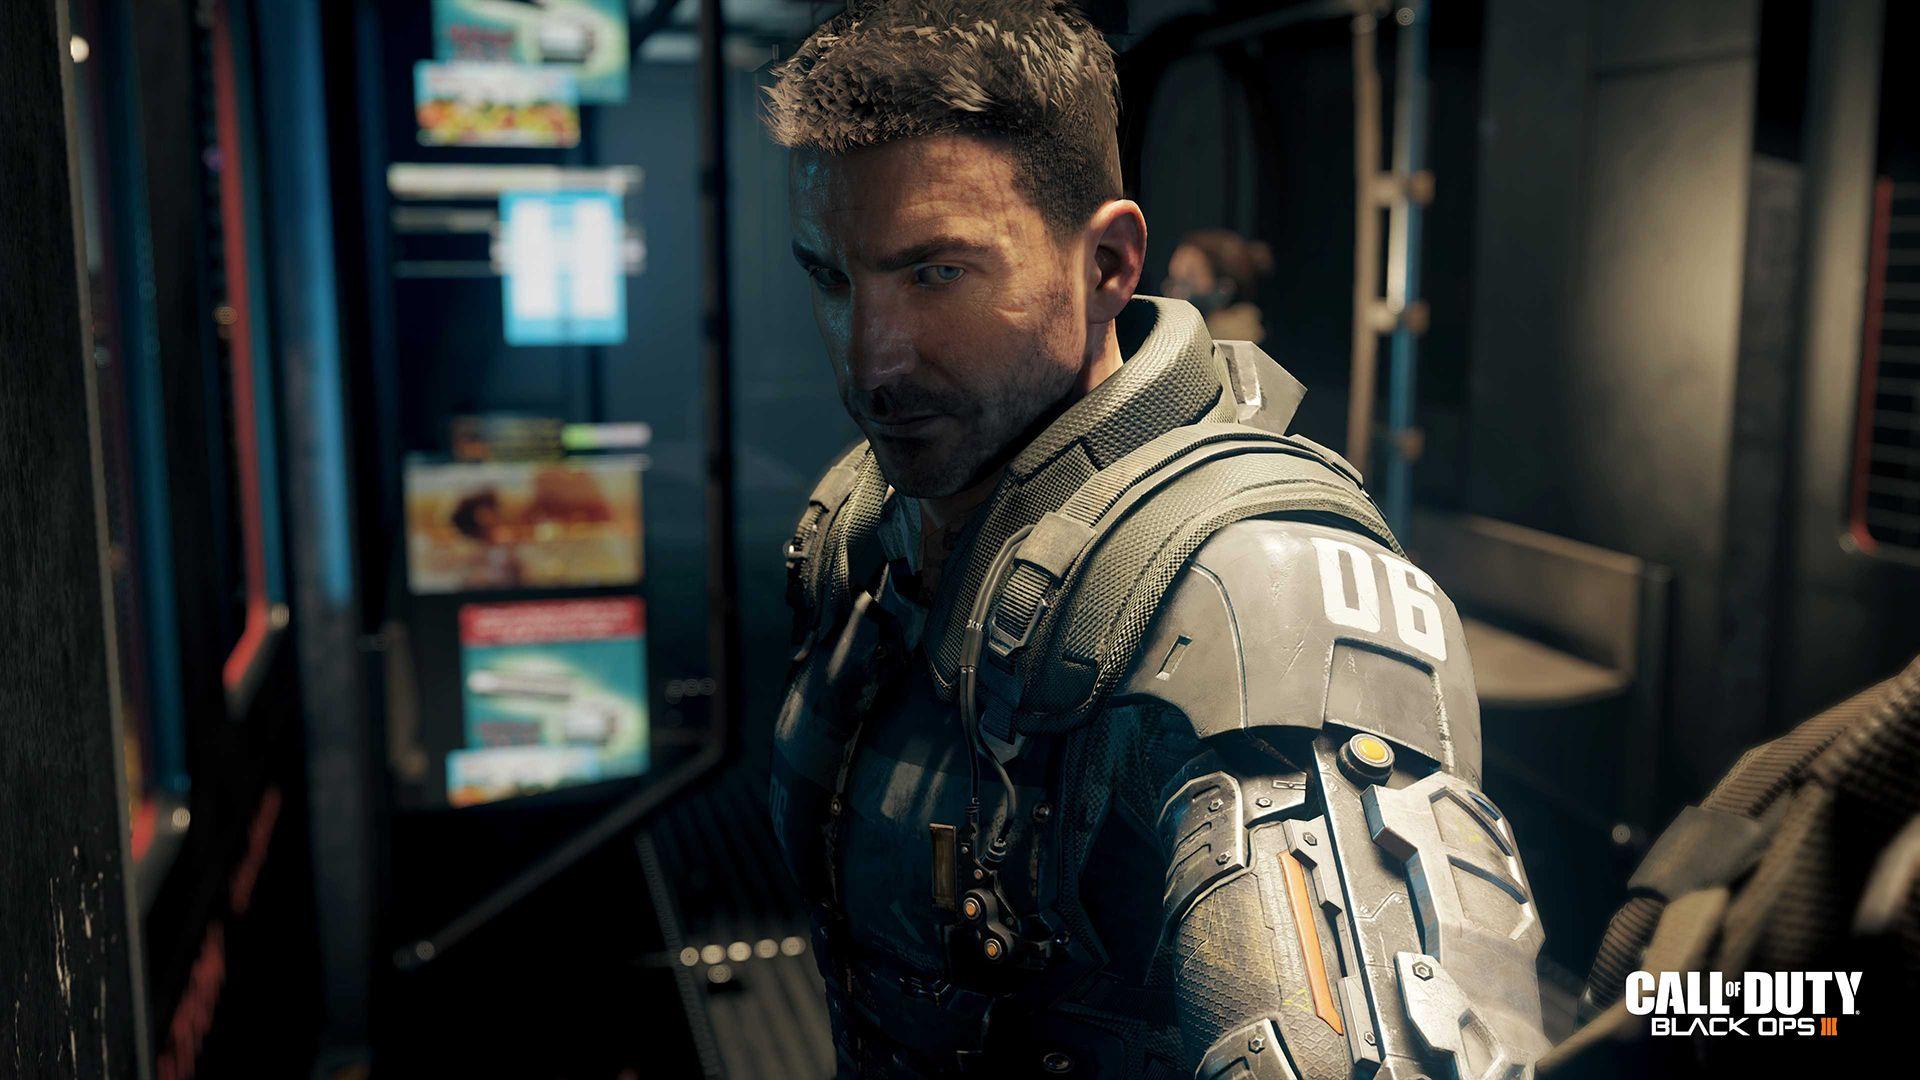 Call of Duty: Black Ops III (Xbox One) - 4